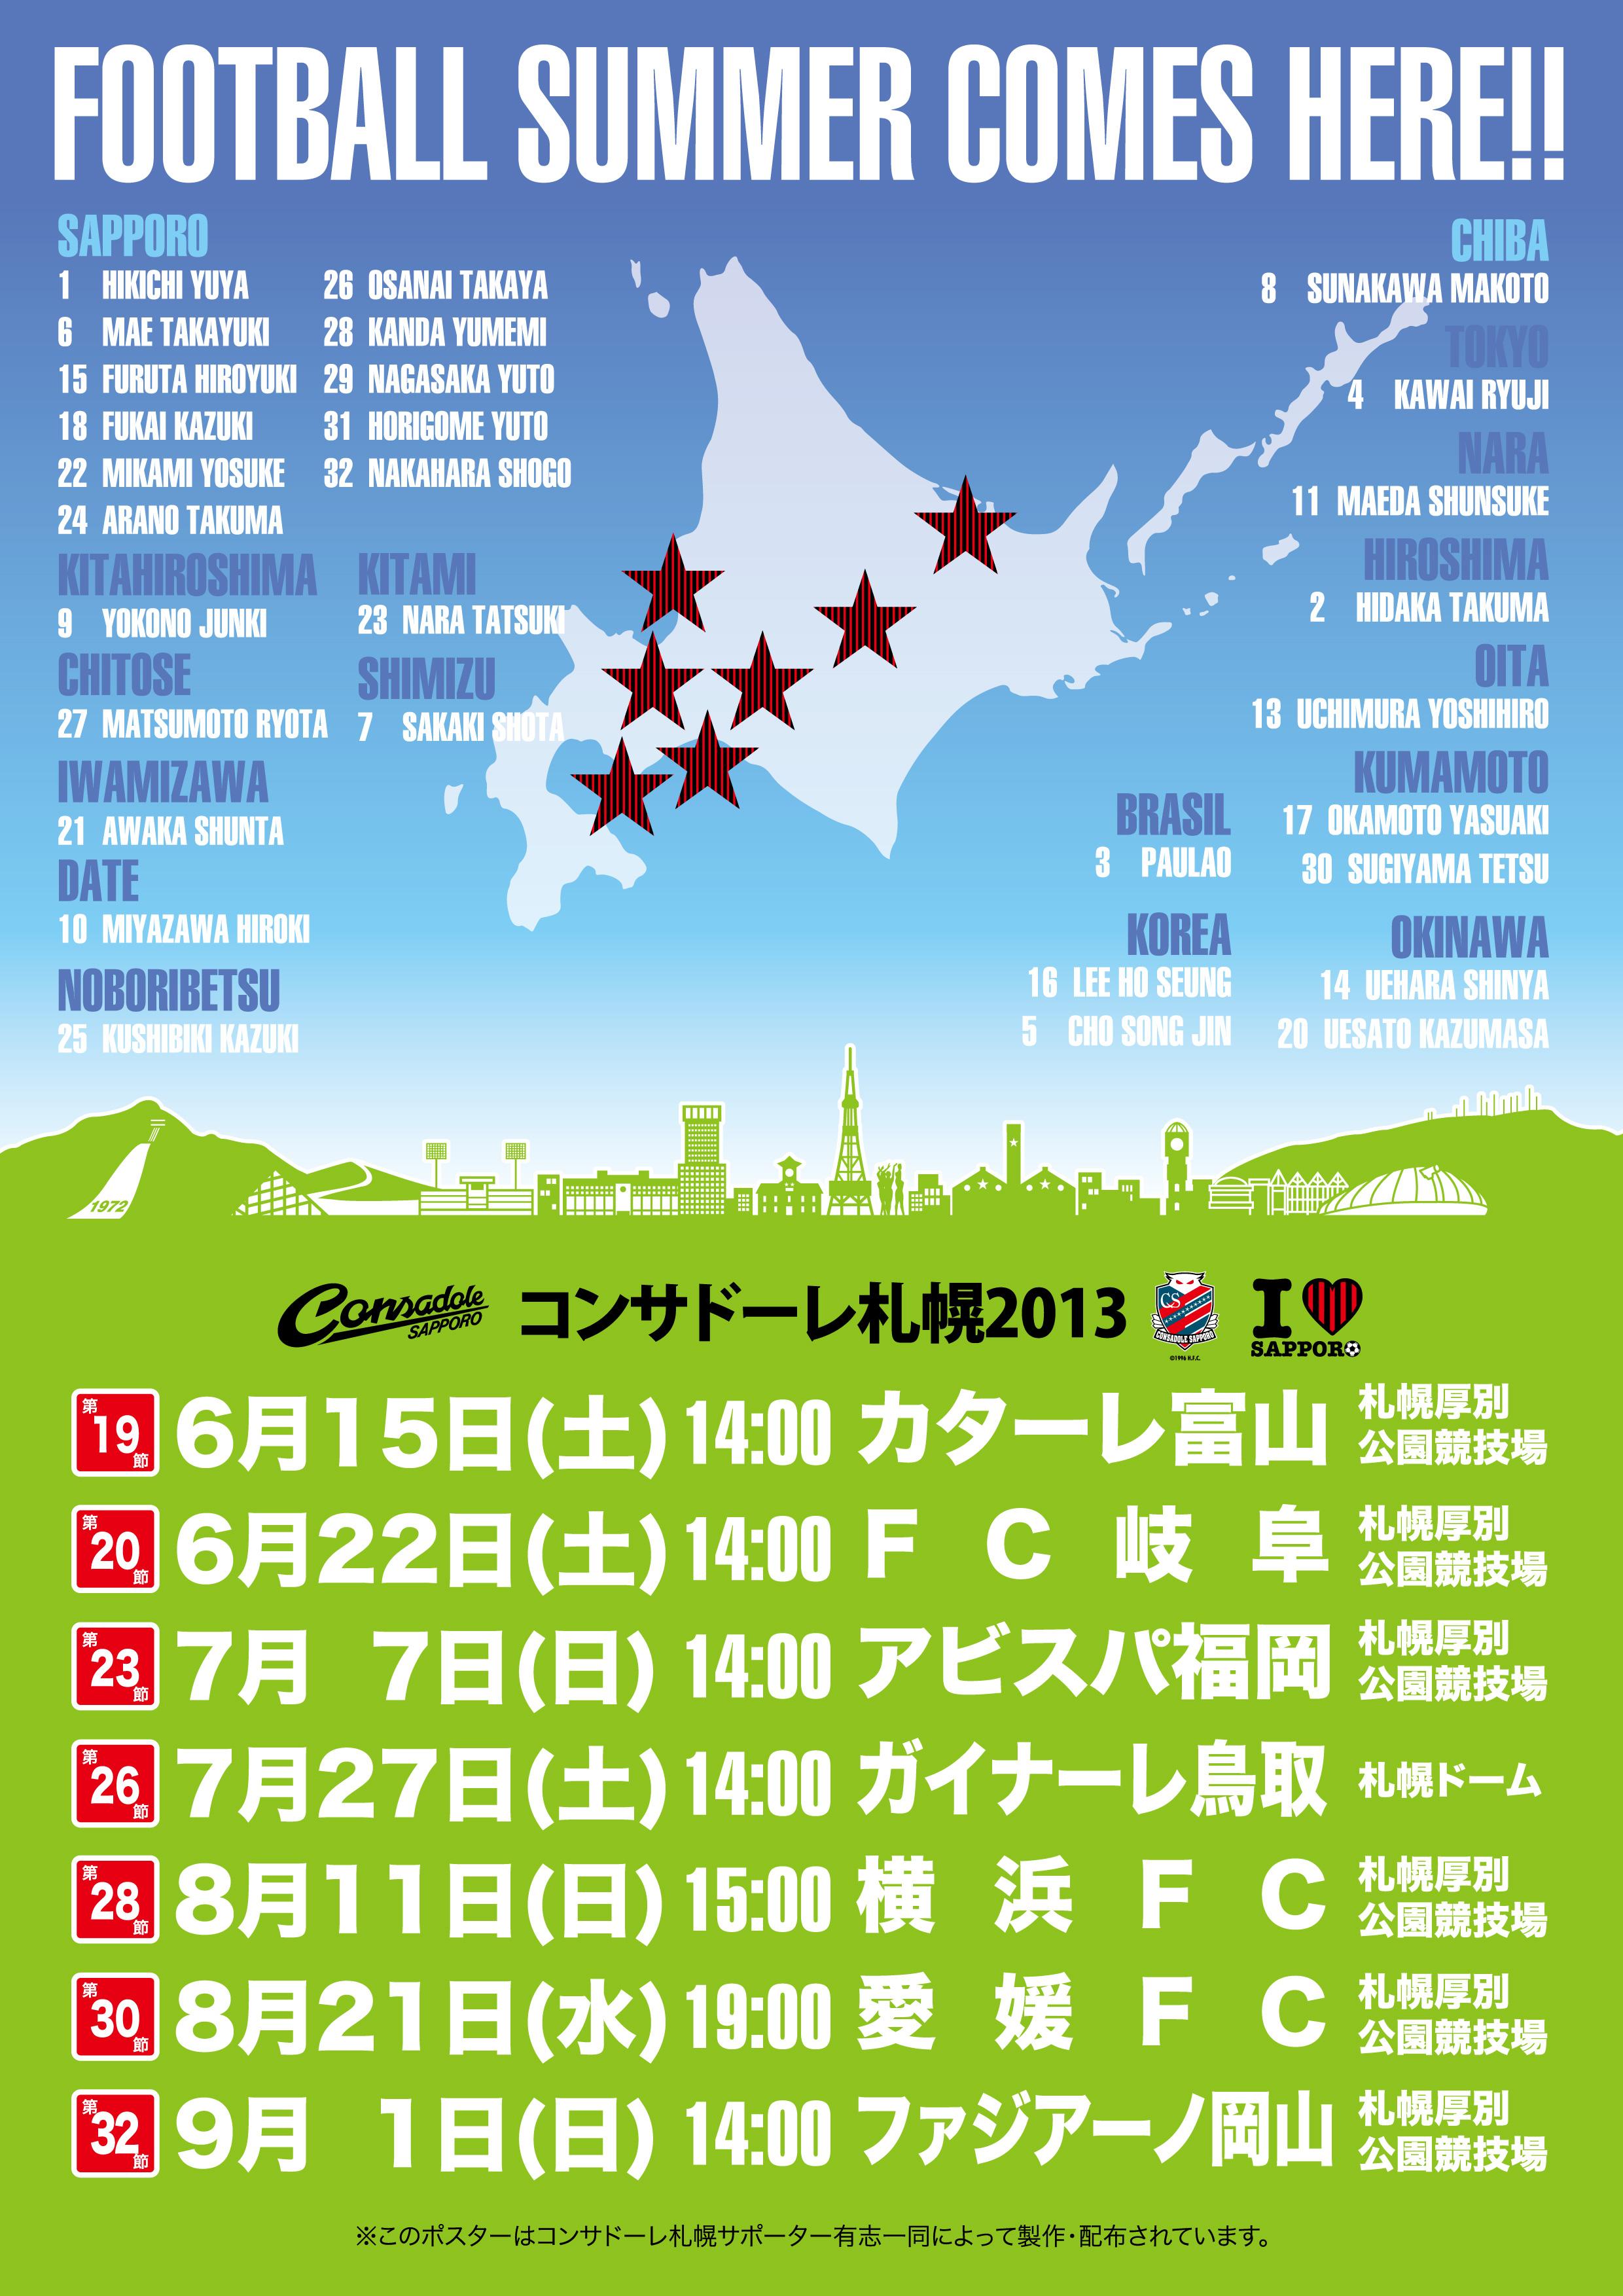 札幌赤黒連盟のホームゲームスケジュールポスター(June 15 2013号)